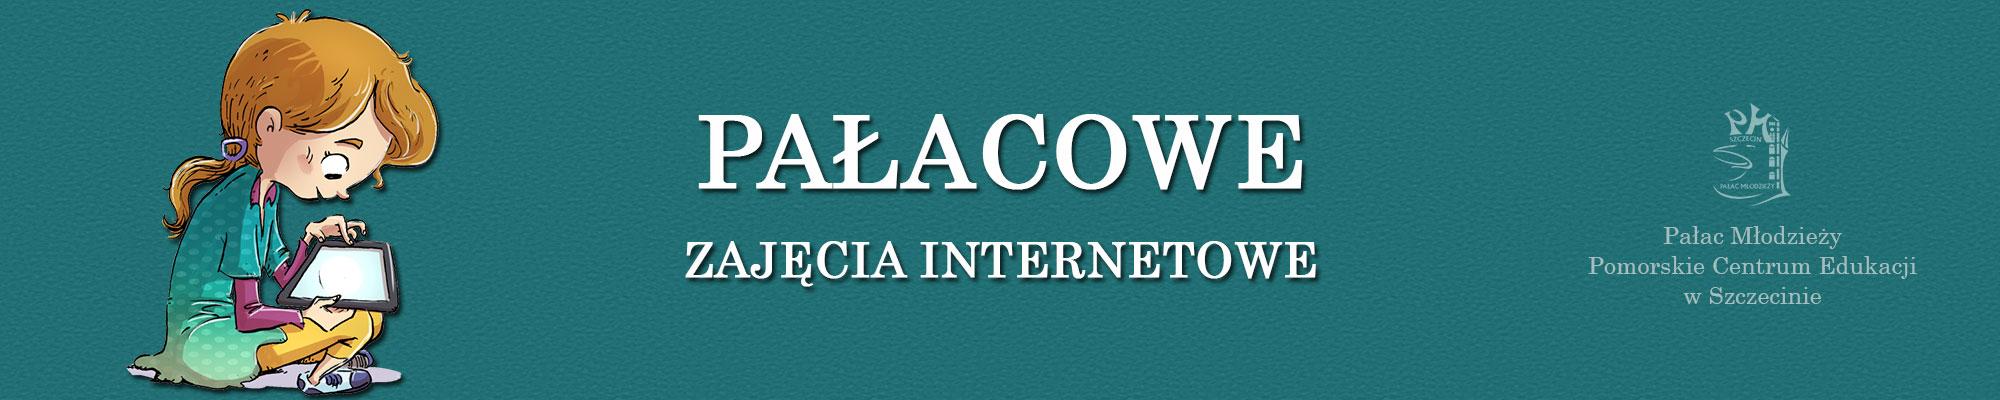 Pałacowe zajęcia internetowe